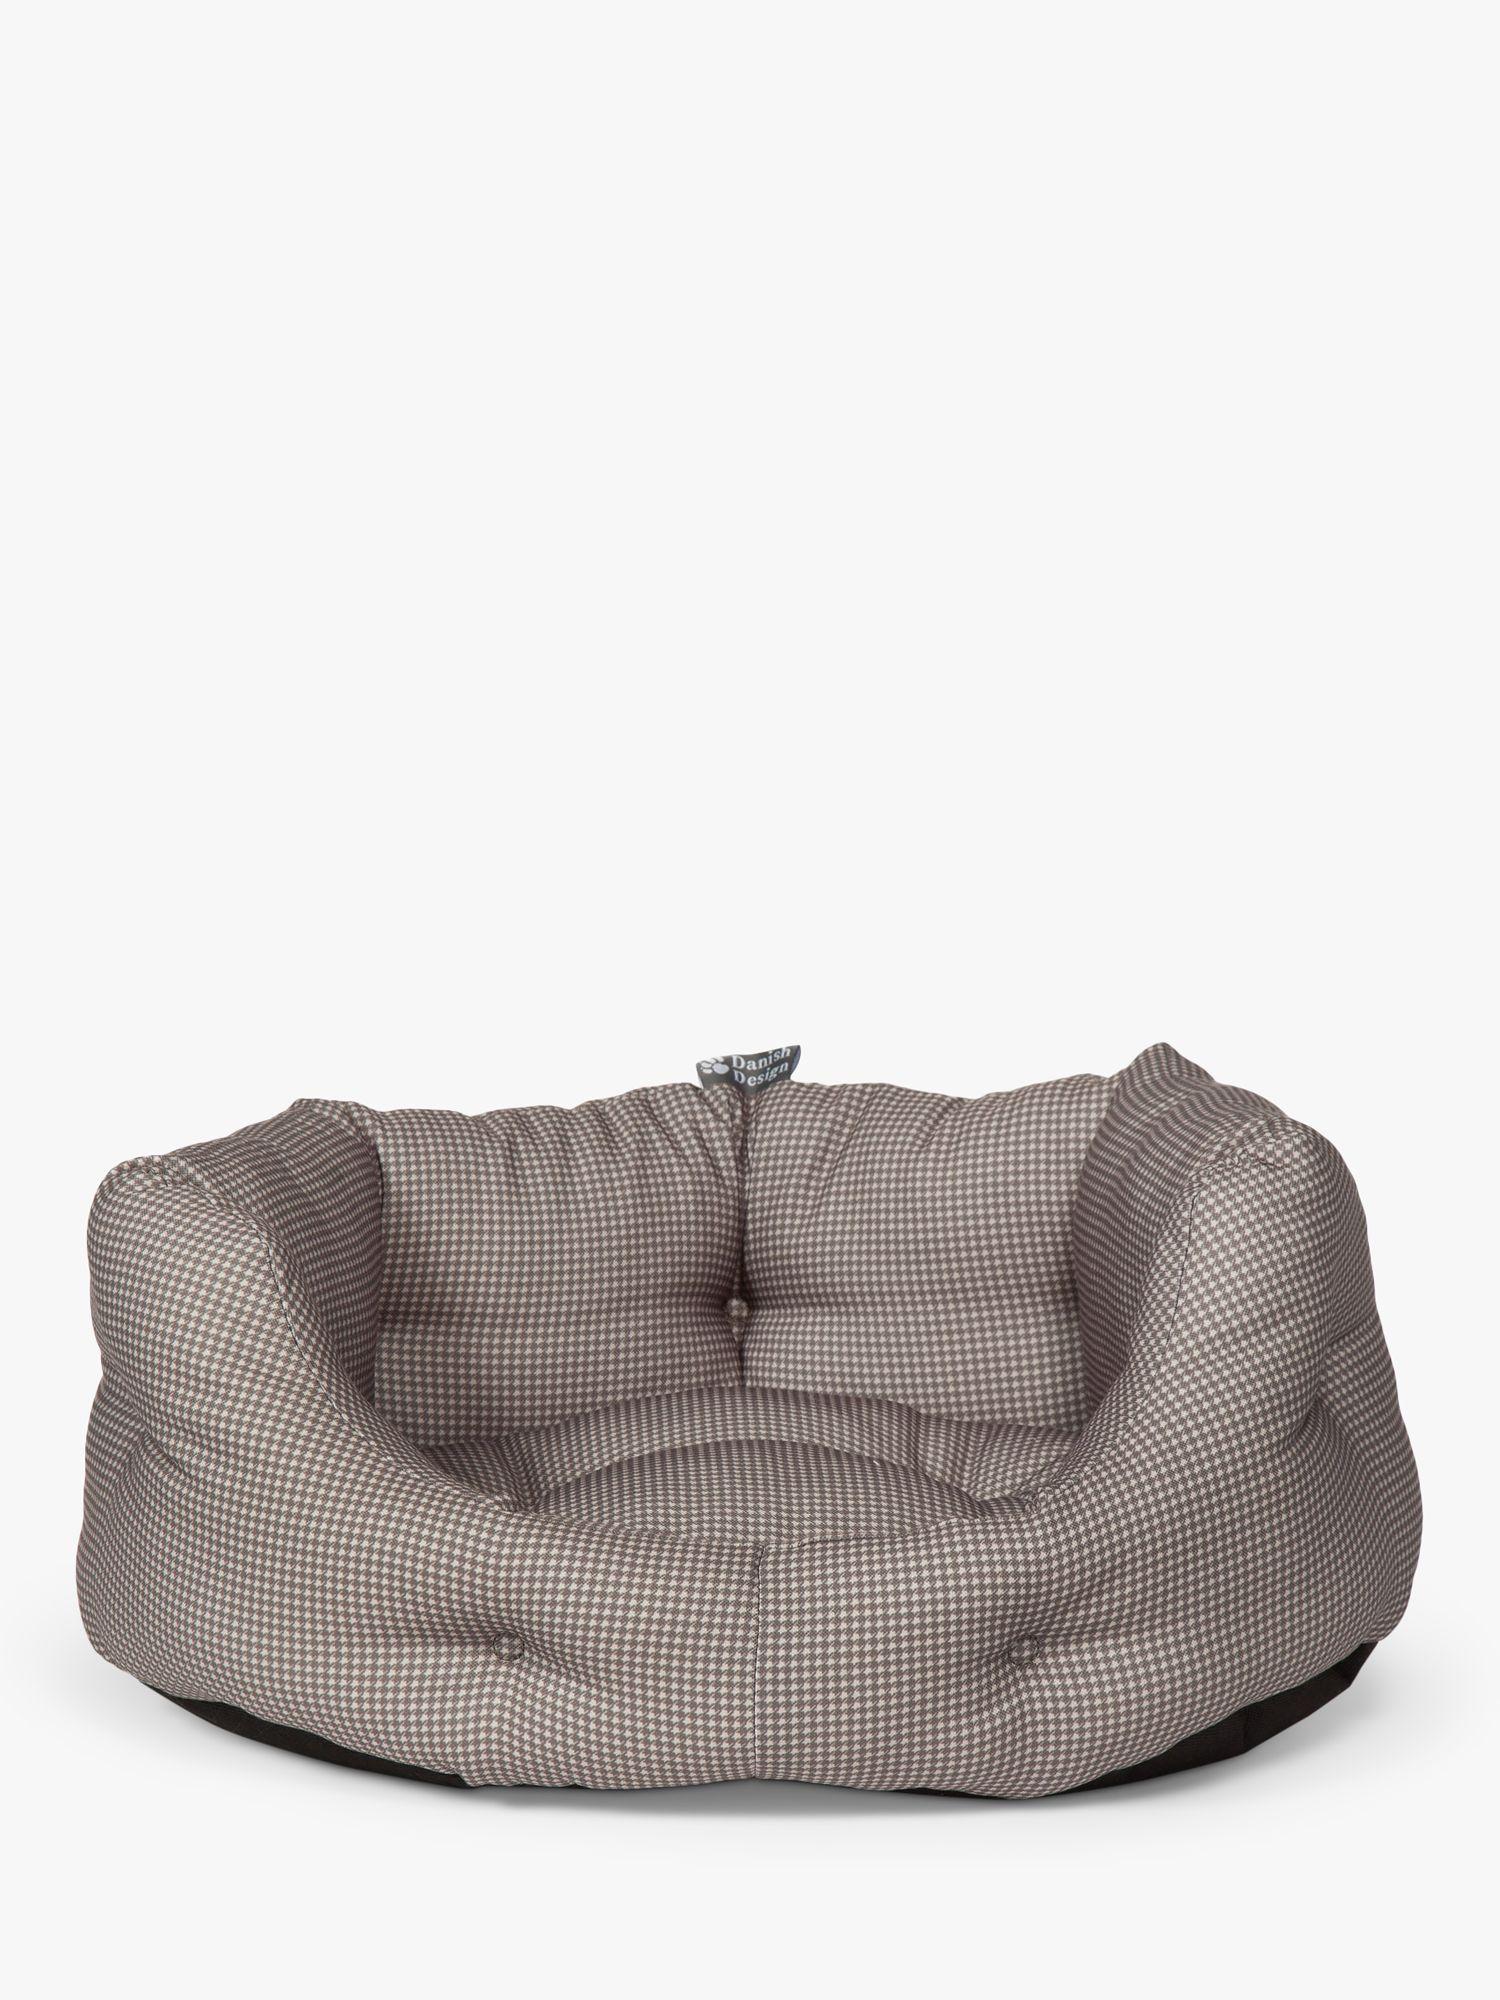 Danish Design Vintage Dogstooth Dog Bed